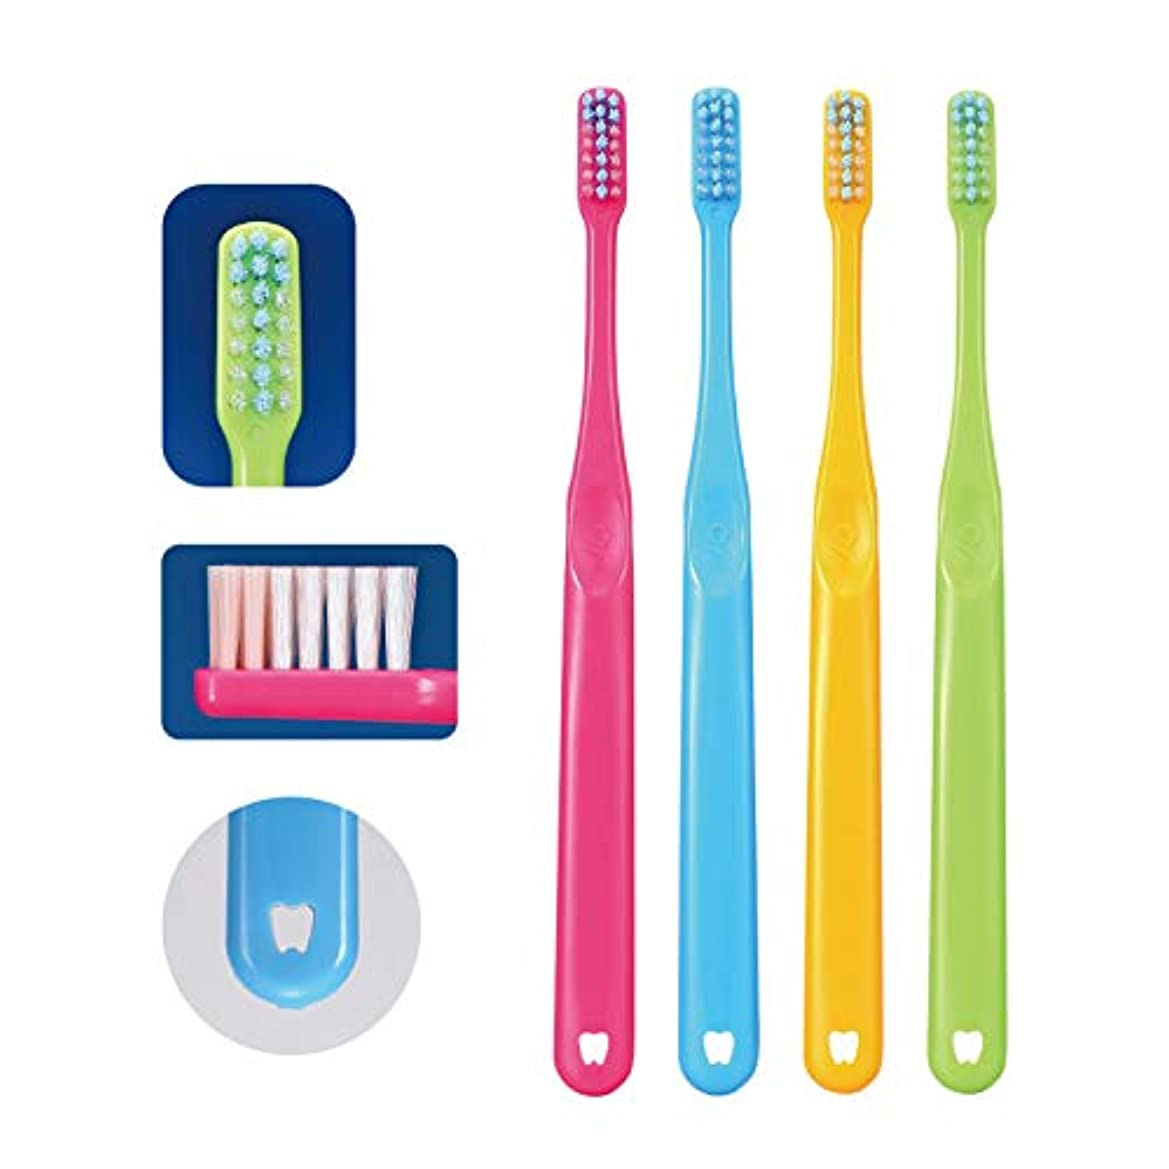 パラメータボーカル粉砕するCi PRO PLUS プロプラス 歯ブラシ 20本 S(やわらかめ) 日本製 プラーク除去 歯科専売品